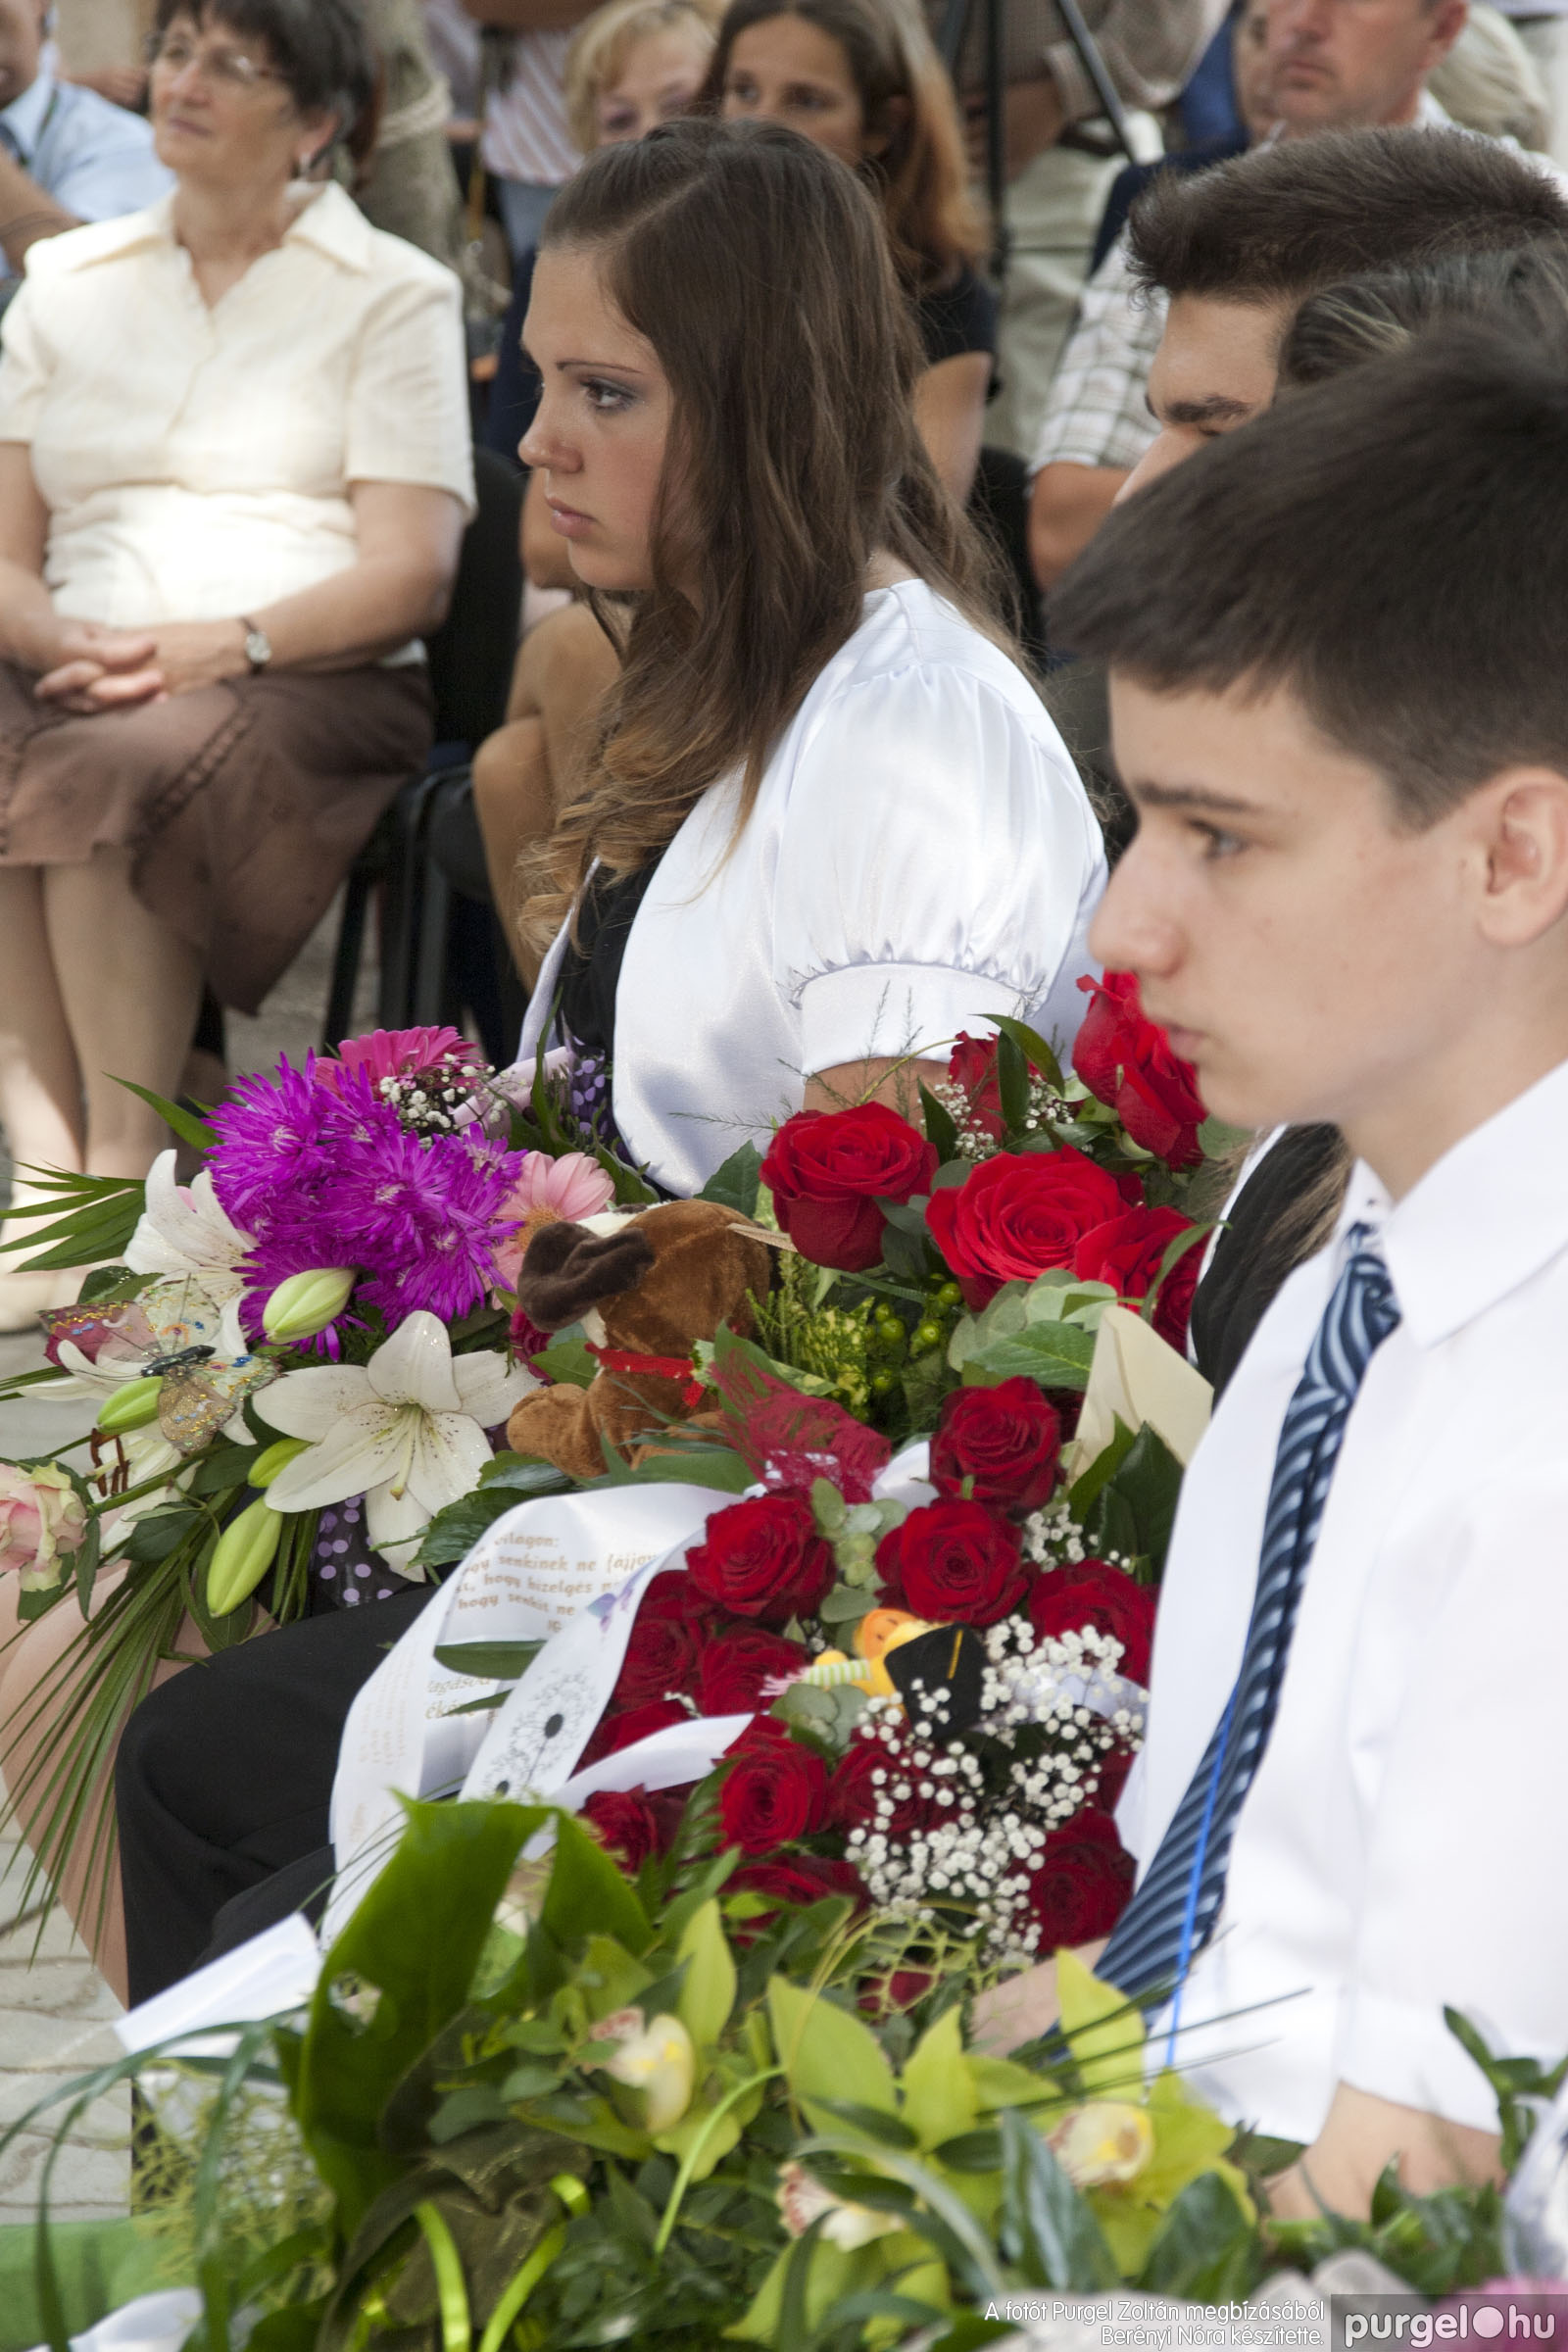 2014.06.14. 242 Forray Máté Általános Iskola ballagás 2014. - Fotó:BERÉNYI NÓRA© _MG_5906.jpg